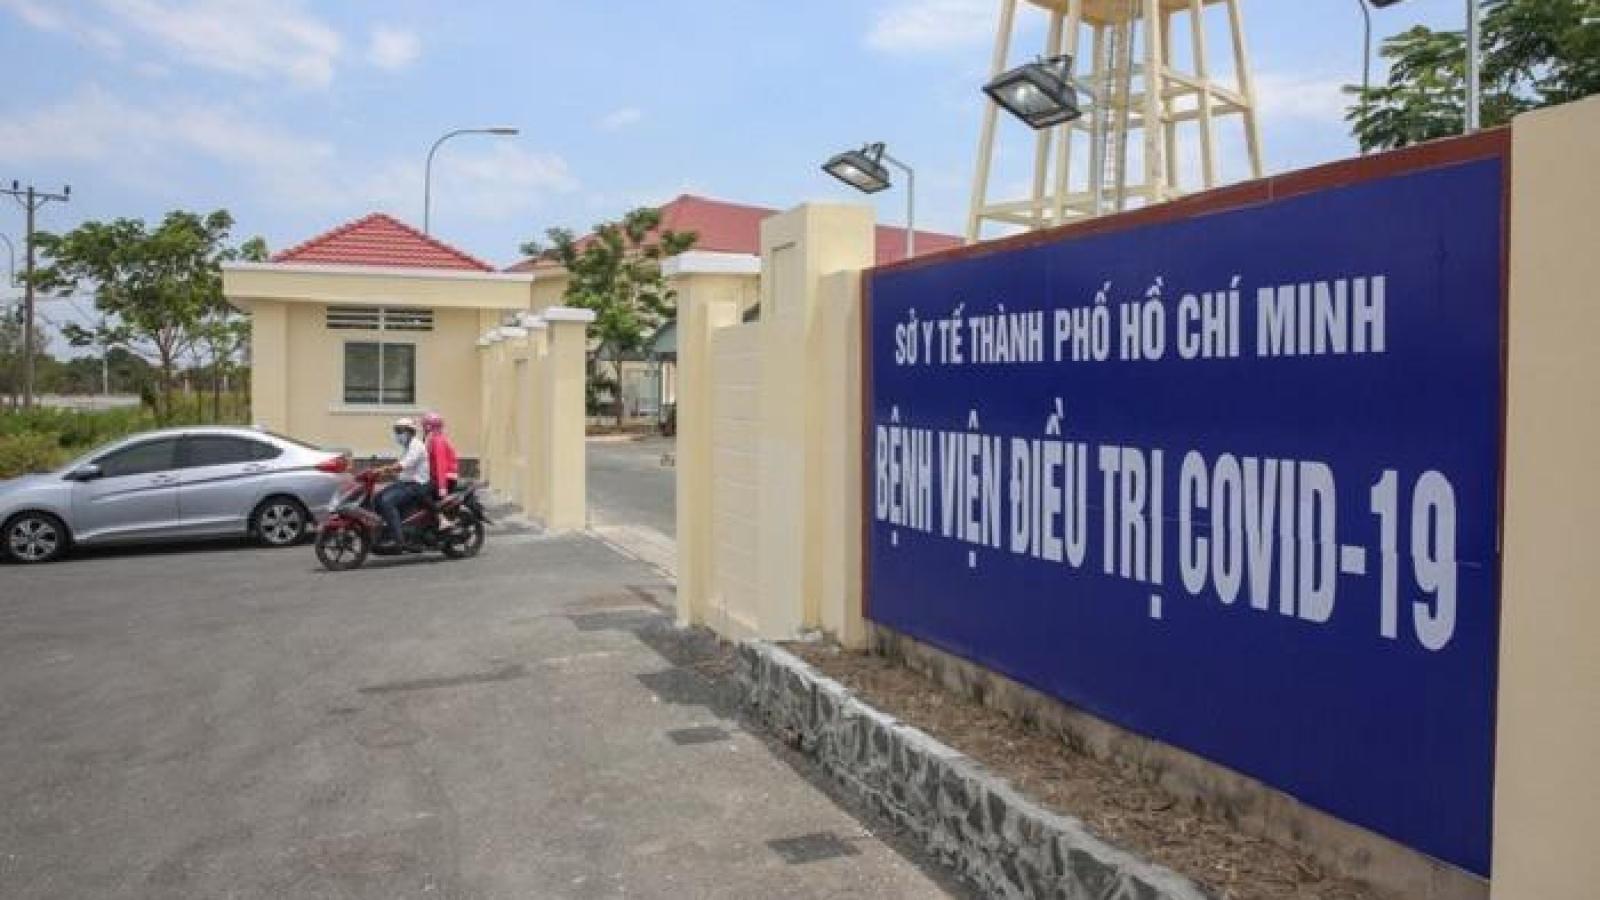 TP HCM ra công văn khẩn về thực hiện biện pháp phòng chống Covid-19